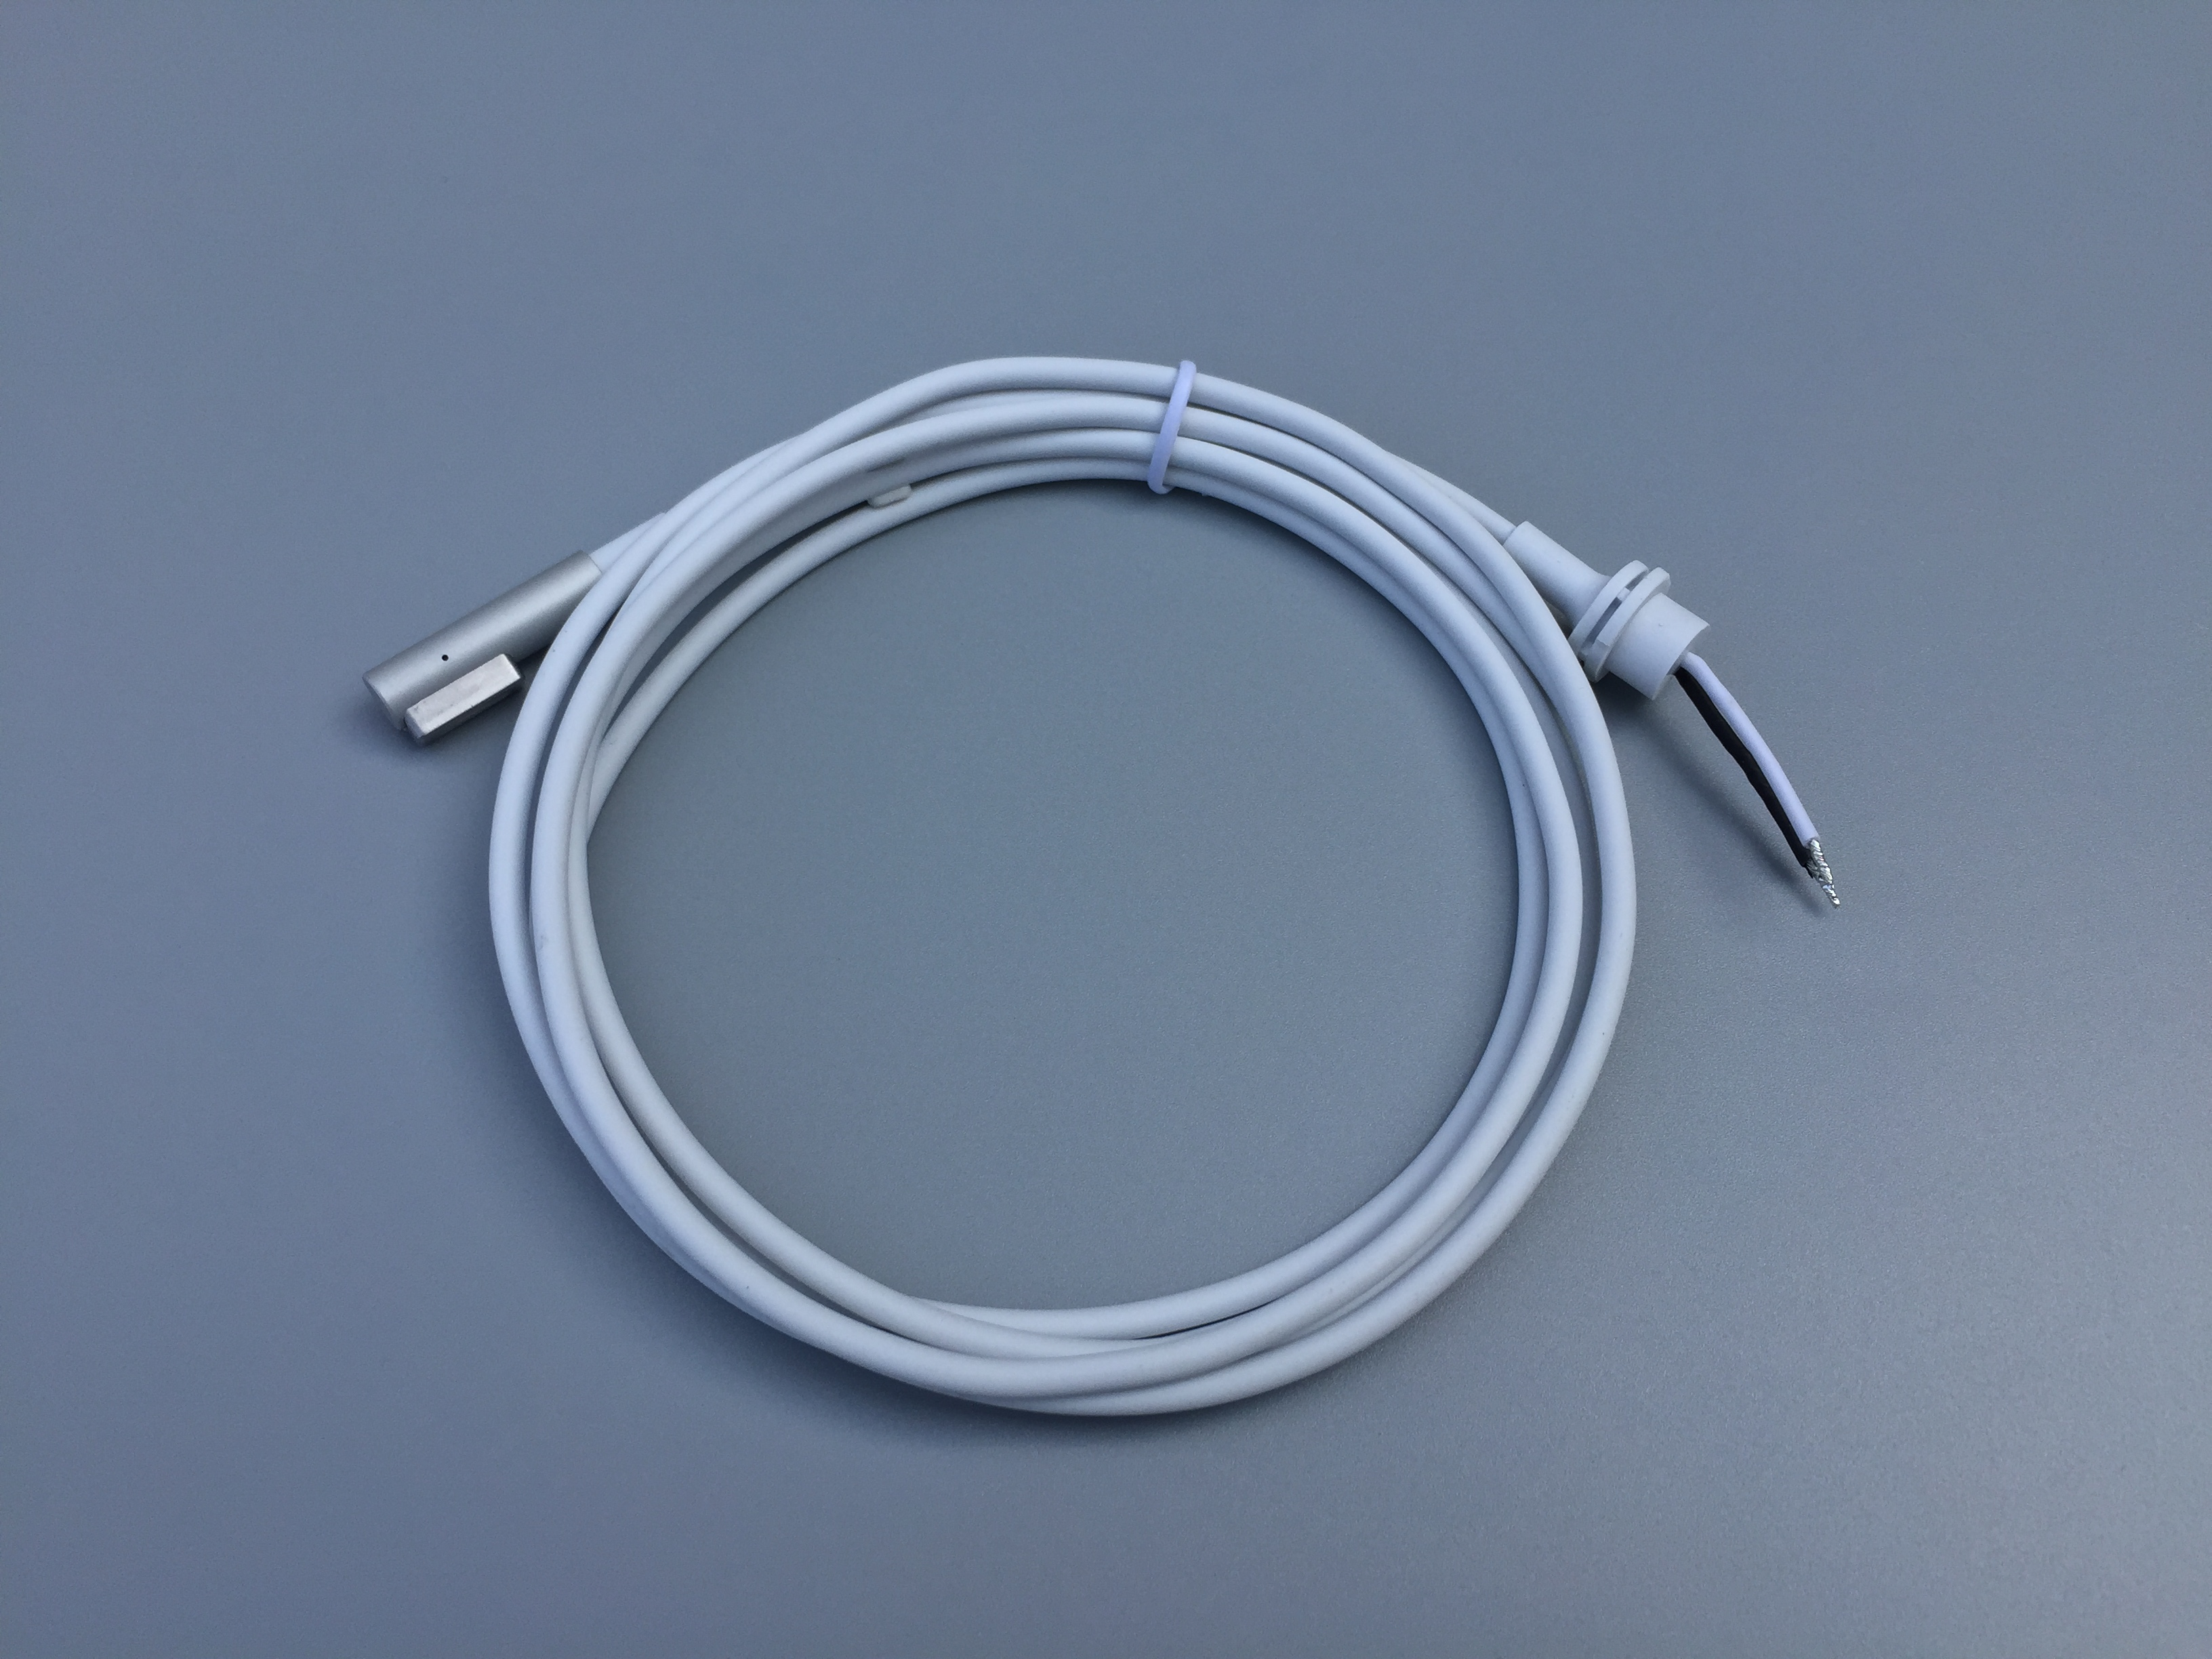 Яблоко ноутбук шнур DC питания l головка зубной щетки головки пять magsafe1 магнитная Игла шнура